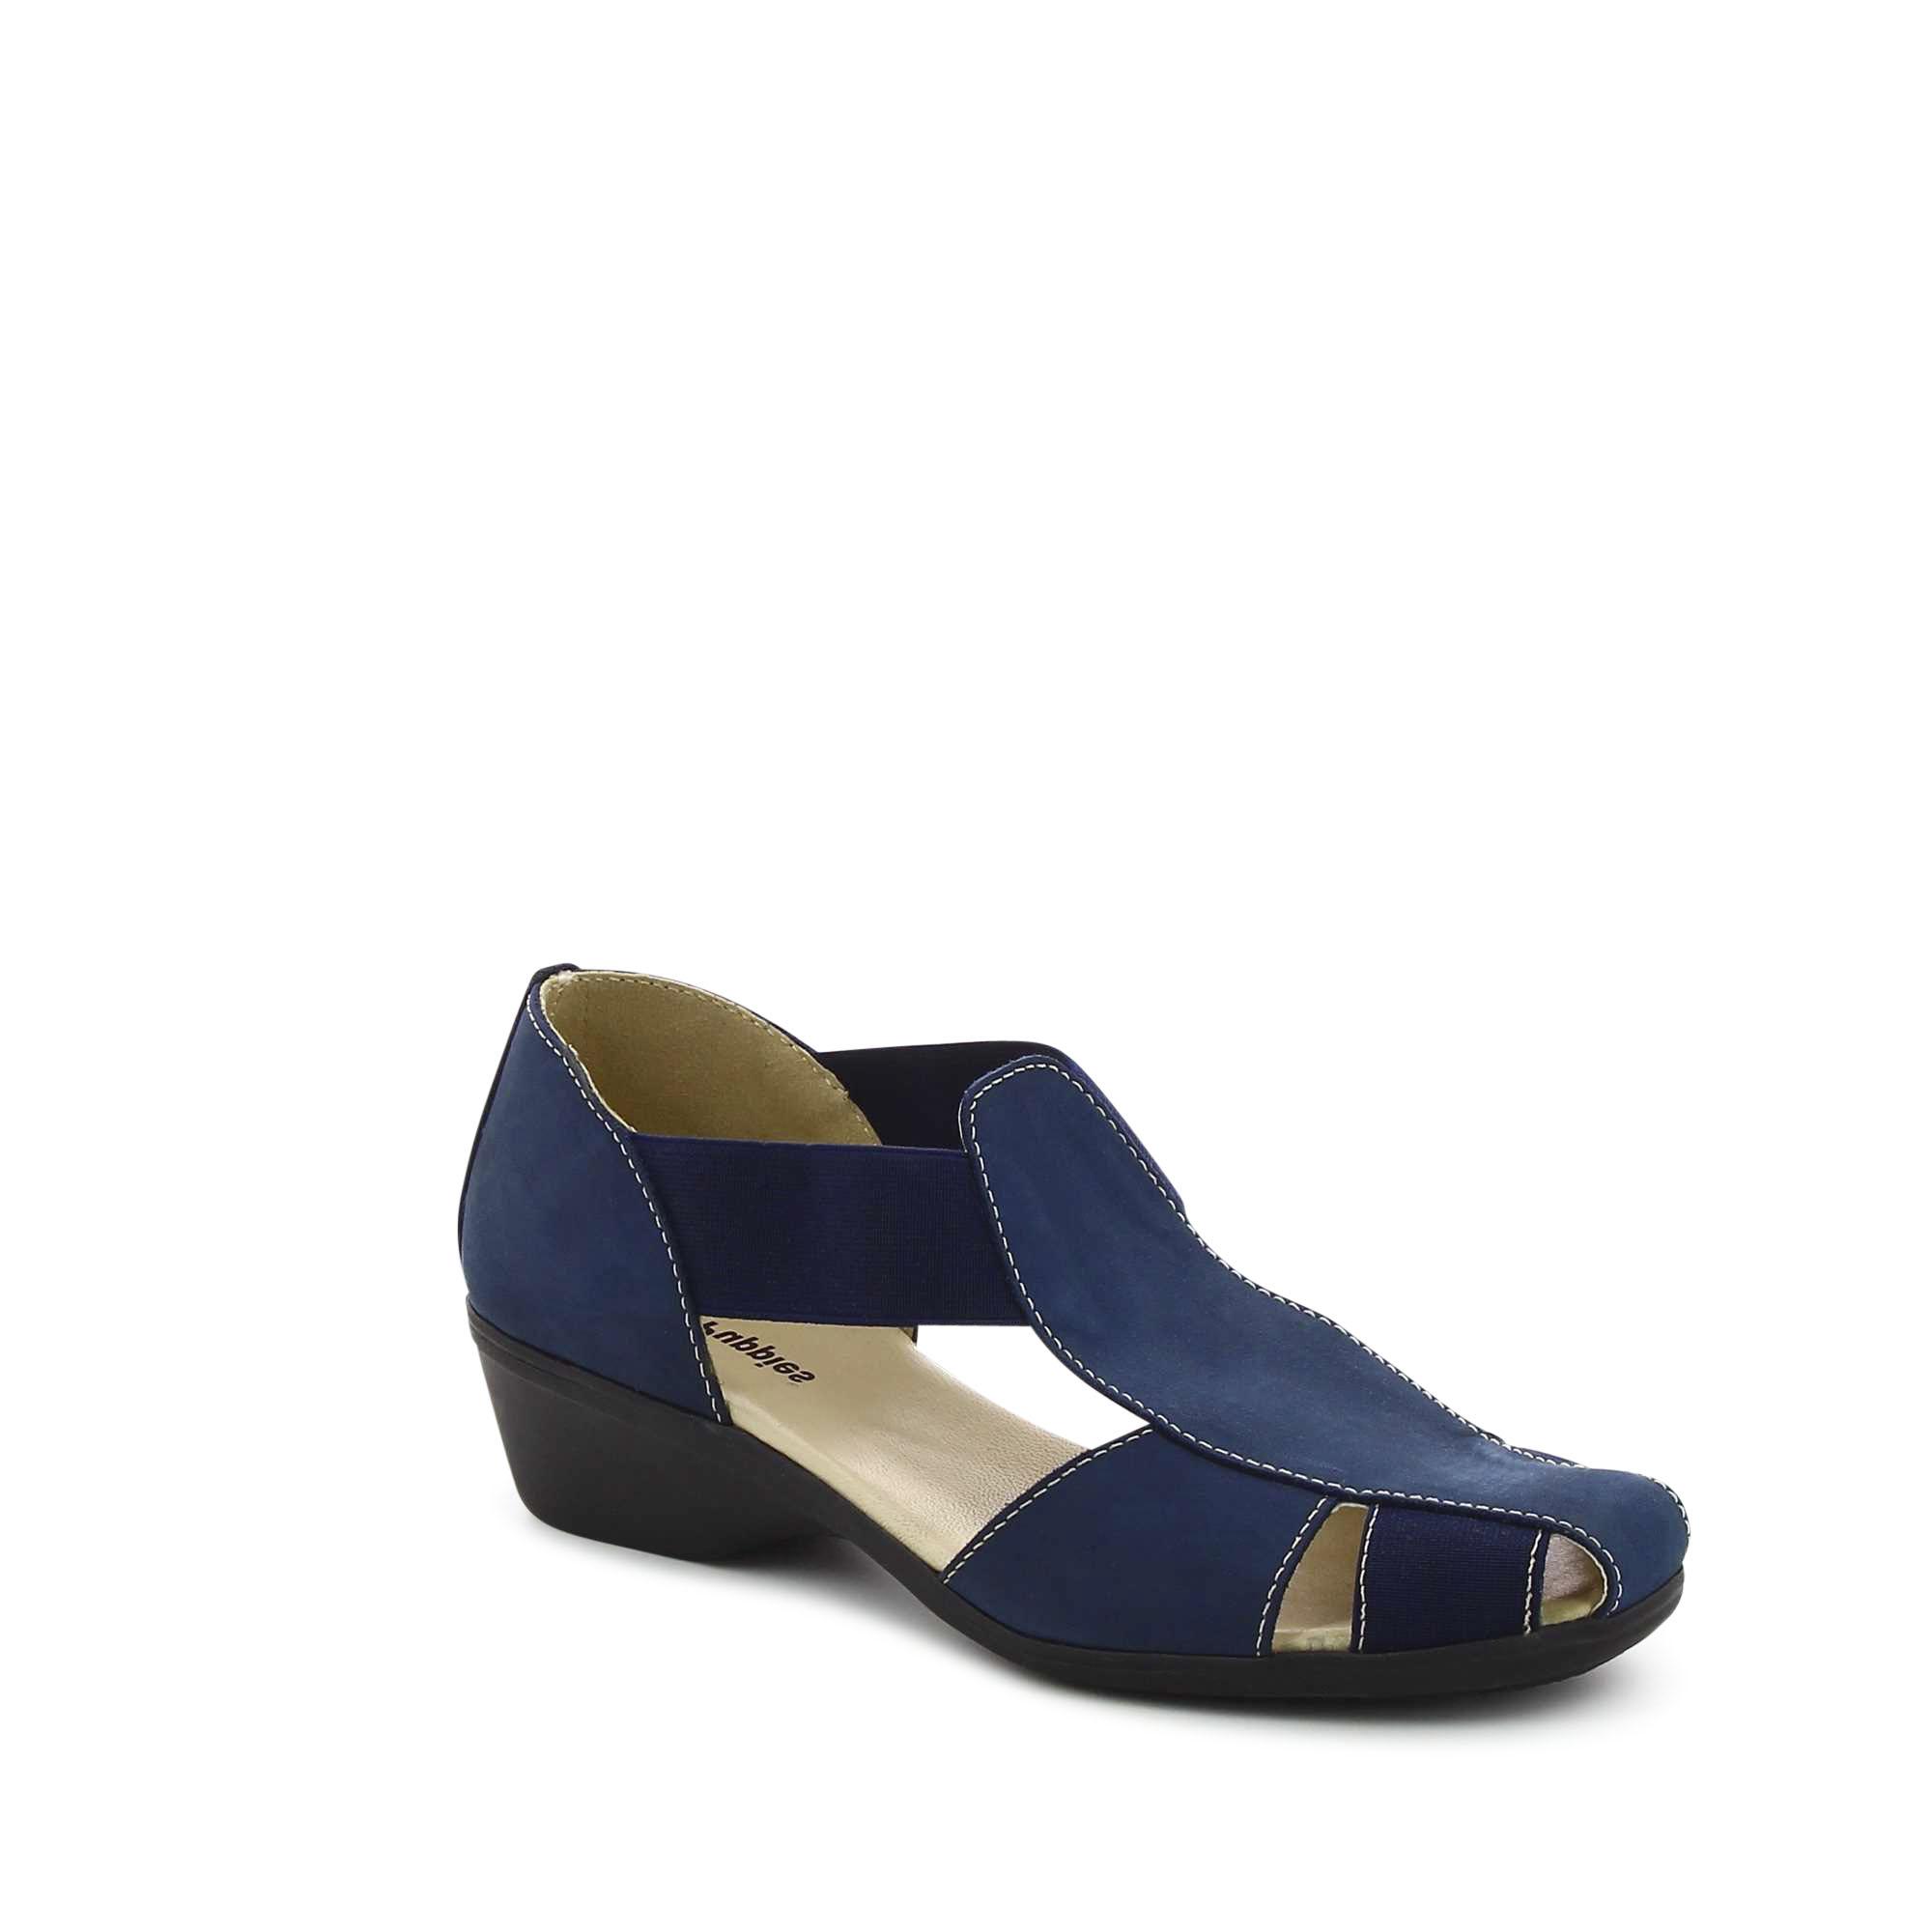 סנדלים כחולים עם רצועות גומי